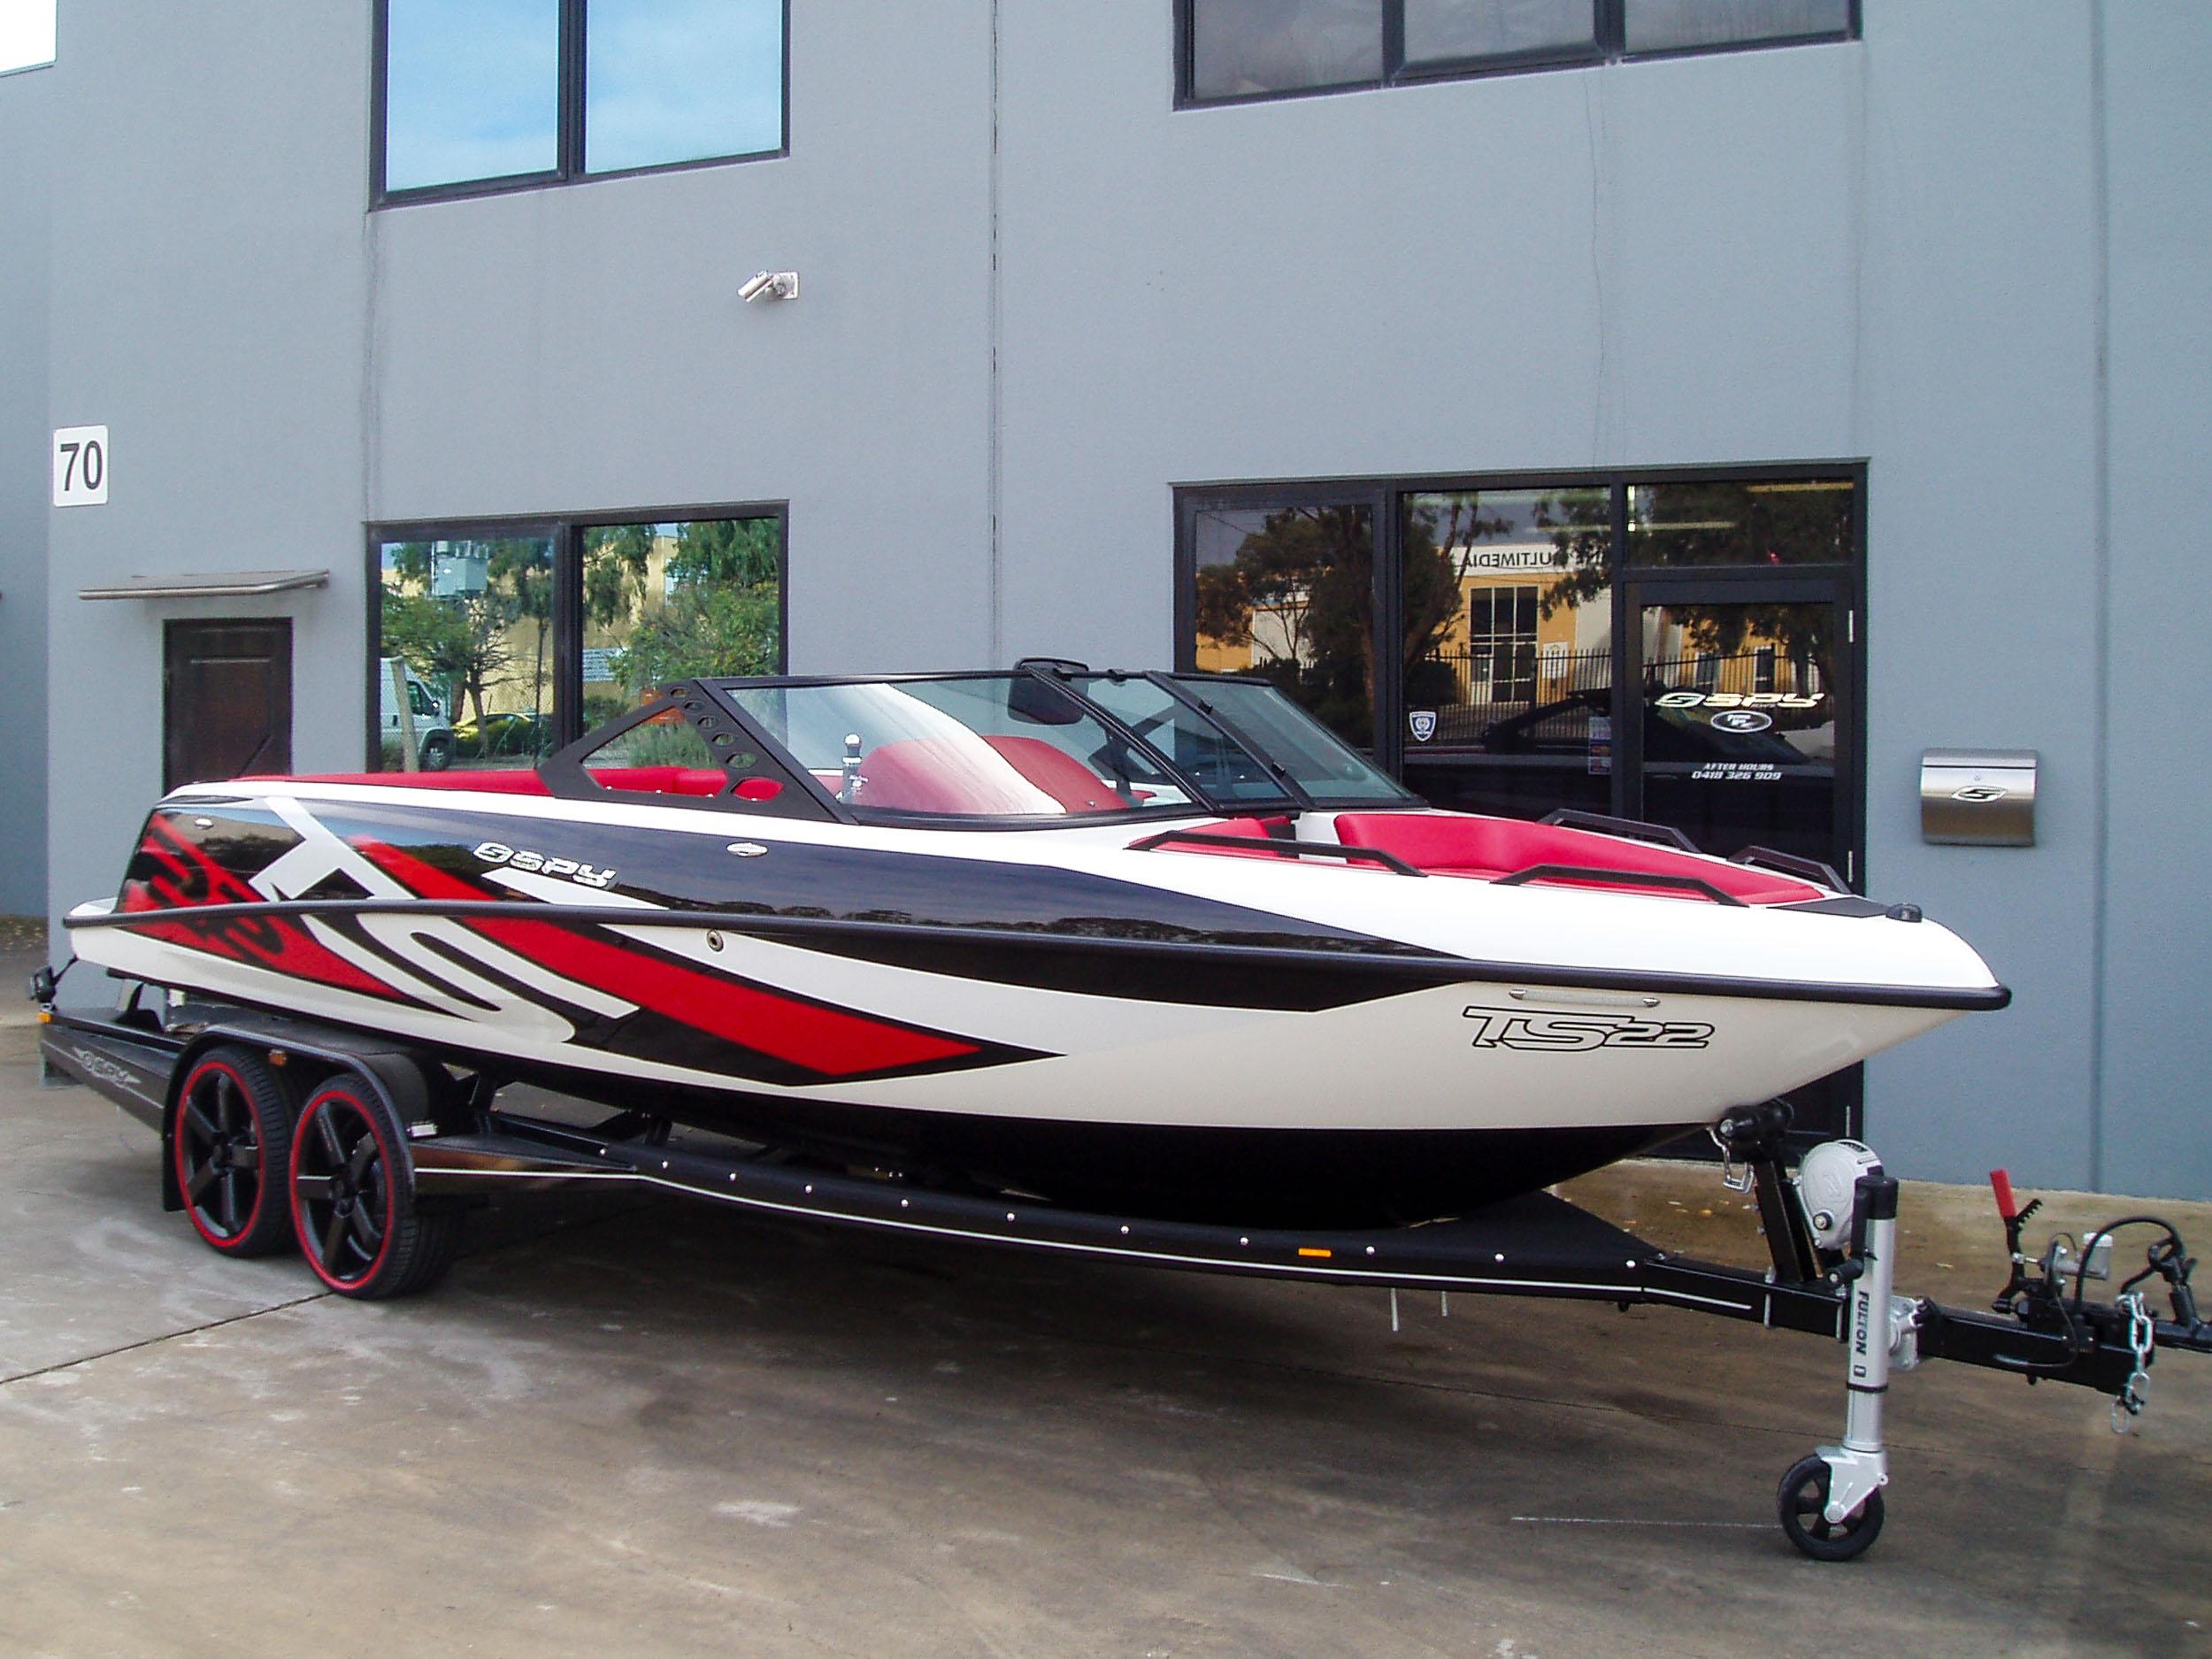 Spy_Boats_TS22-1.jpg